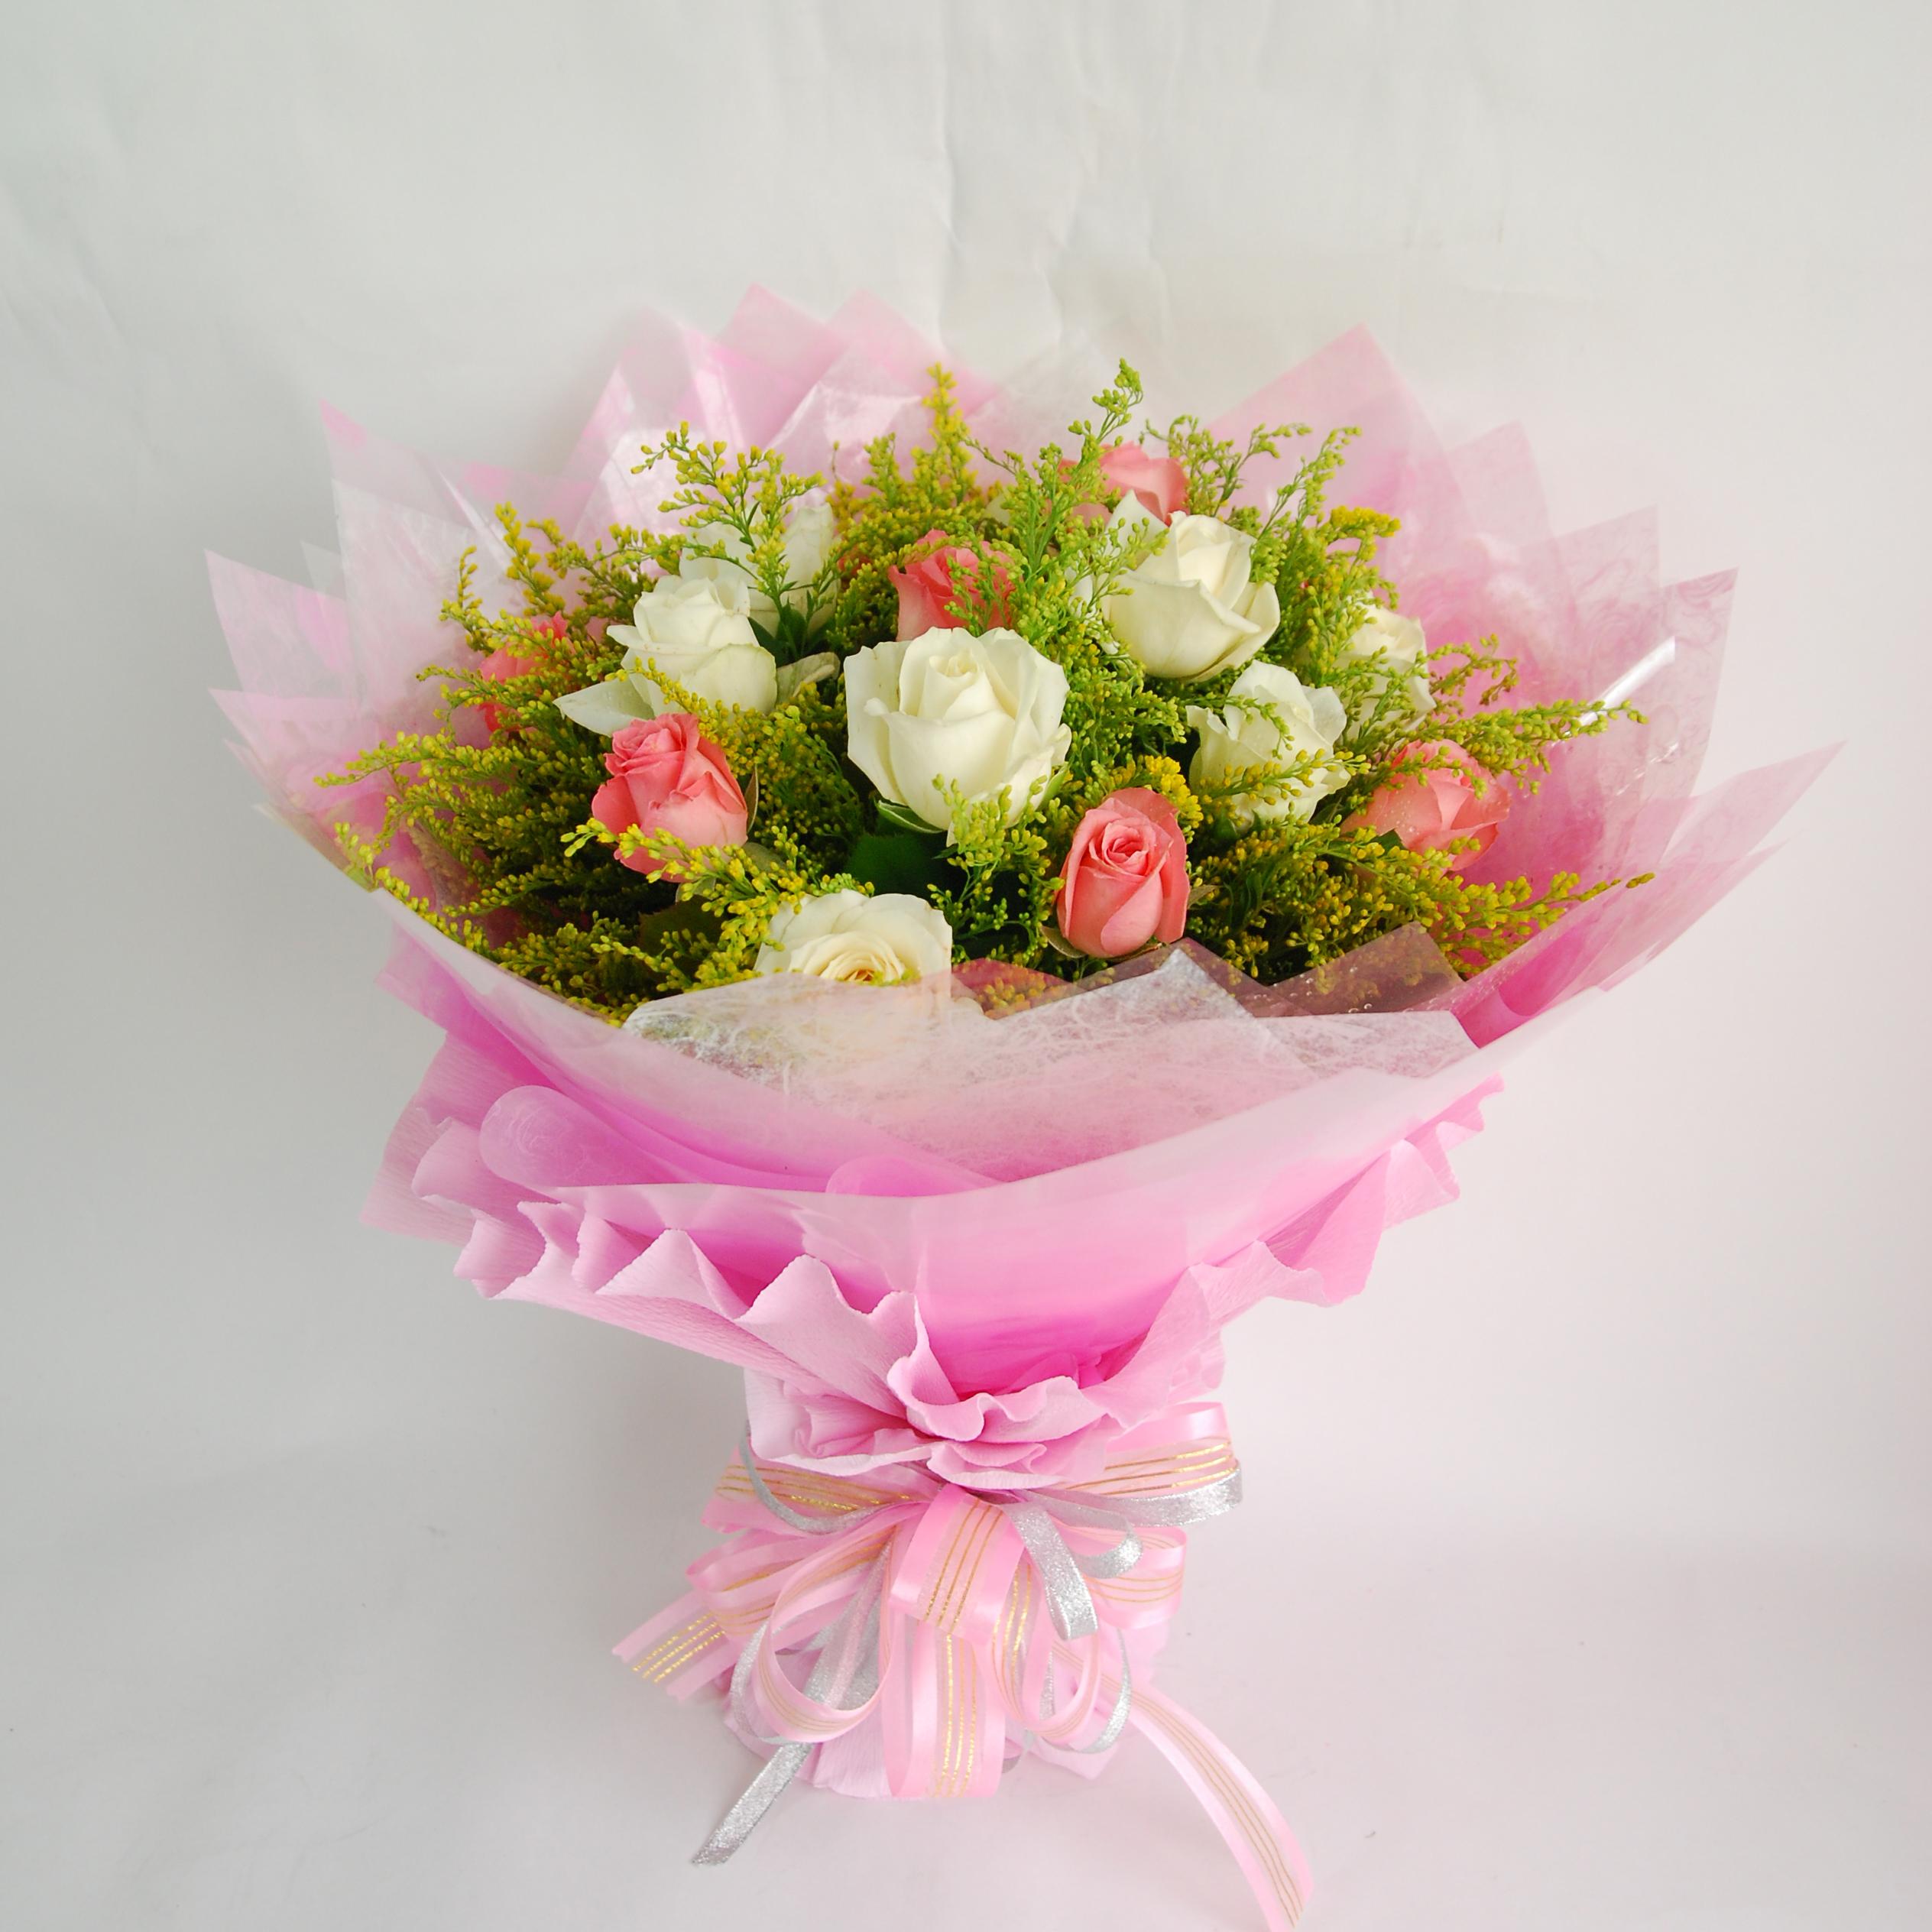 【巧繪網—告白追求大推薦】FR040144粉紅波浪= 嚴選新鮮雙色玫瑰花束/禮物